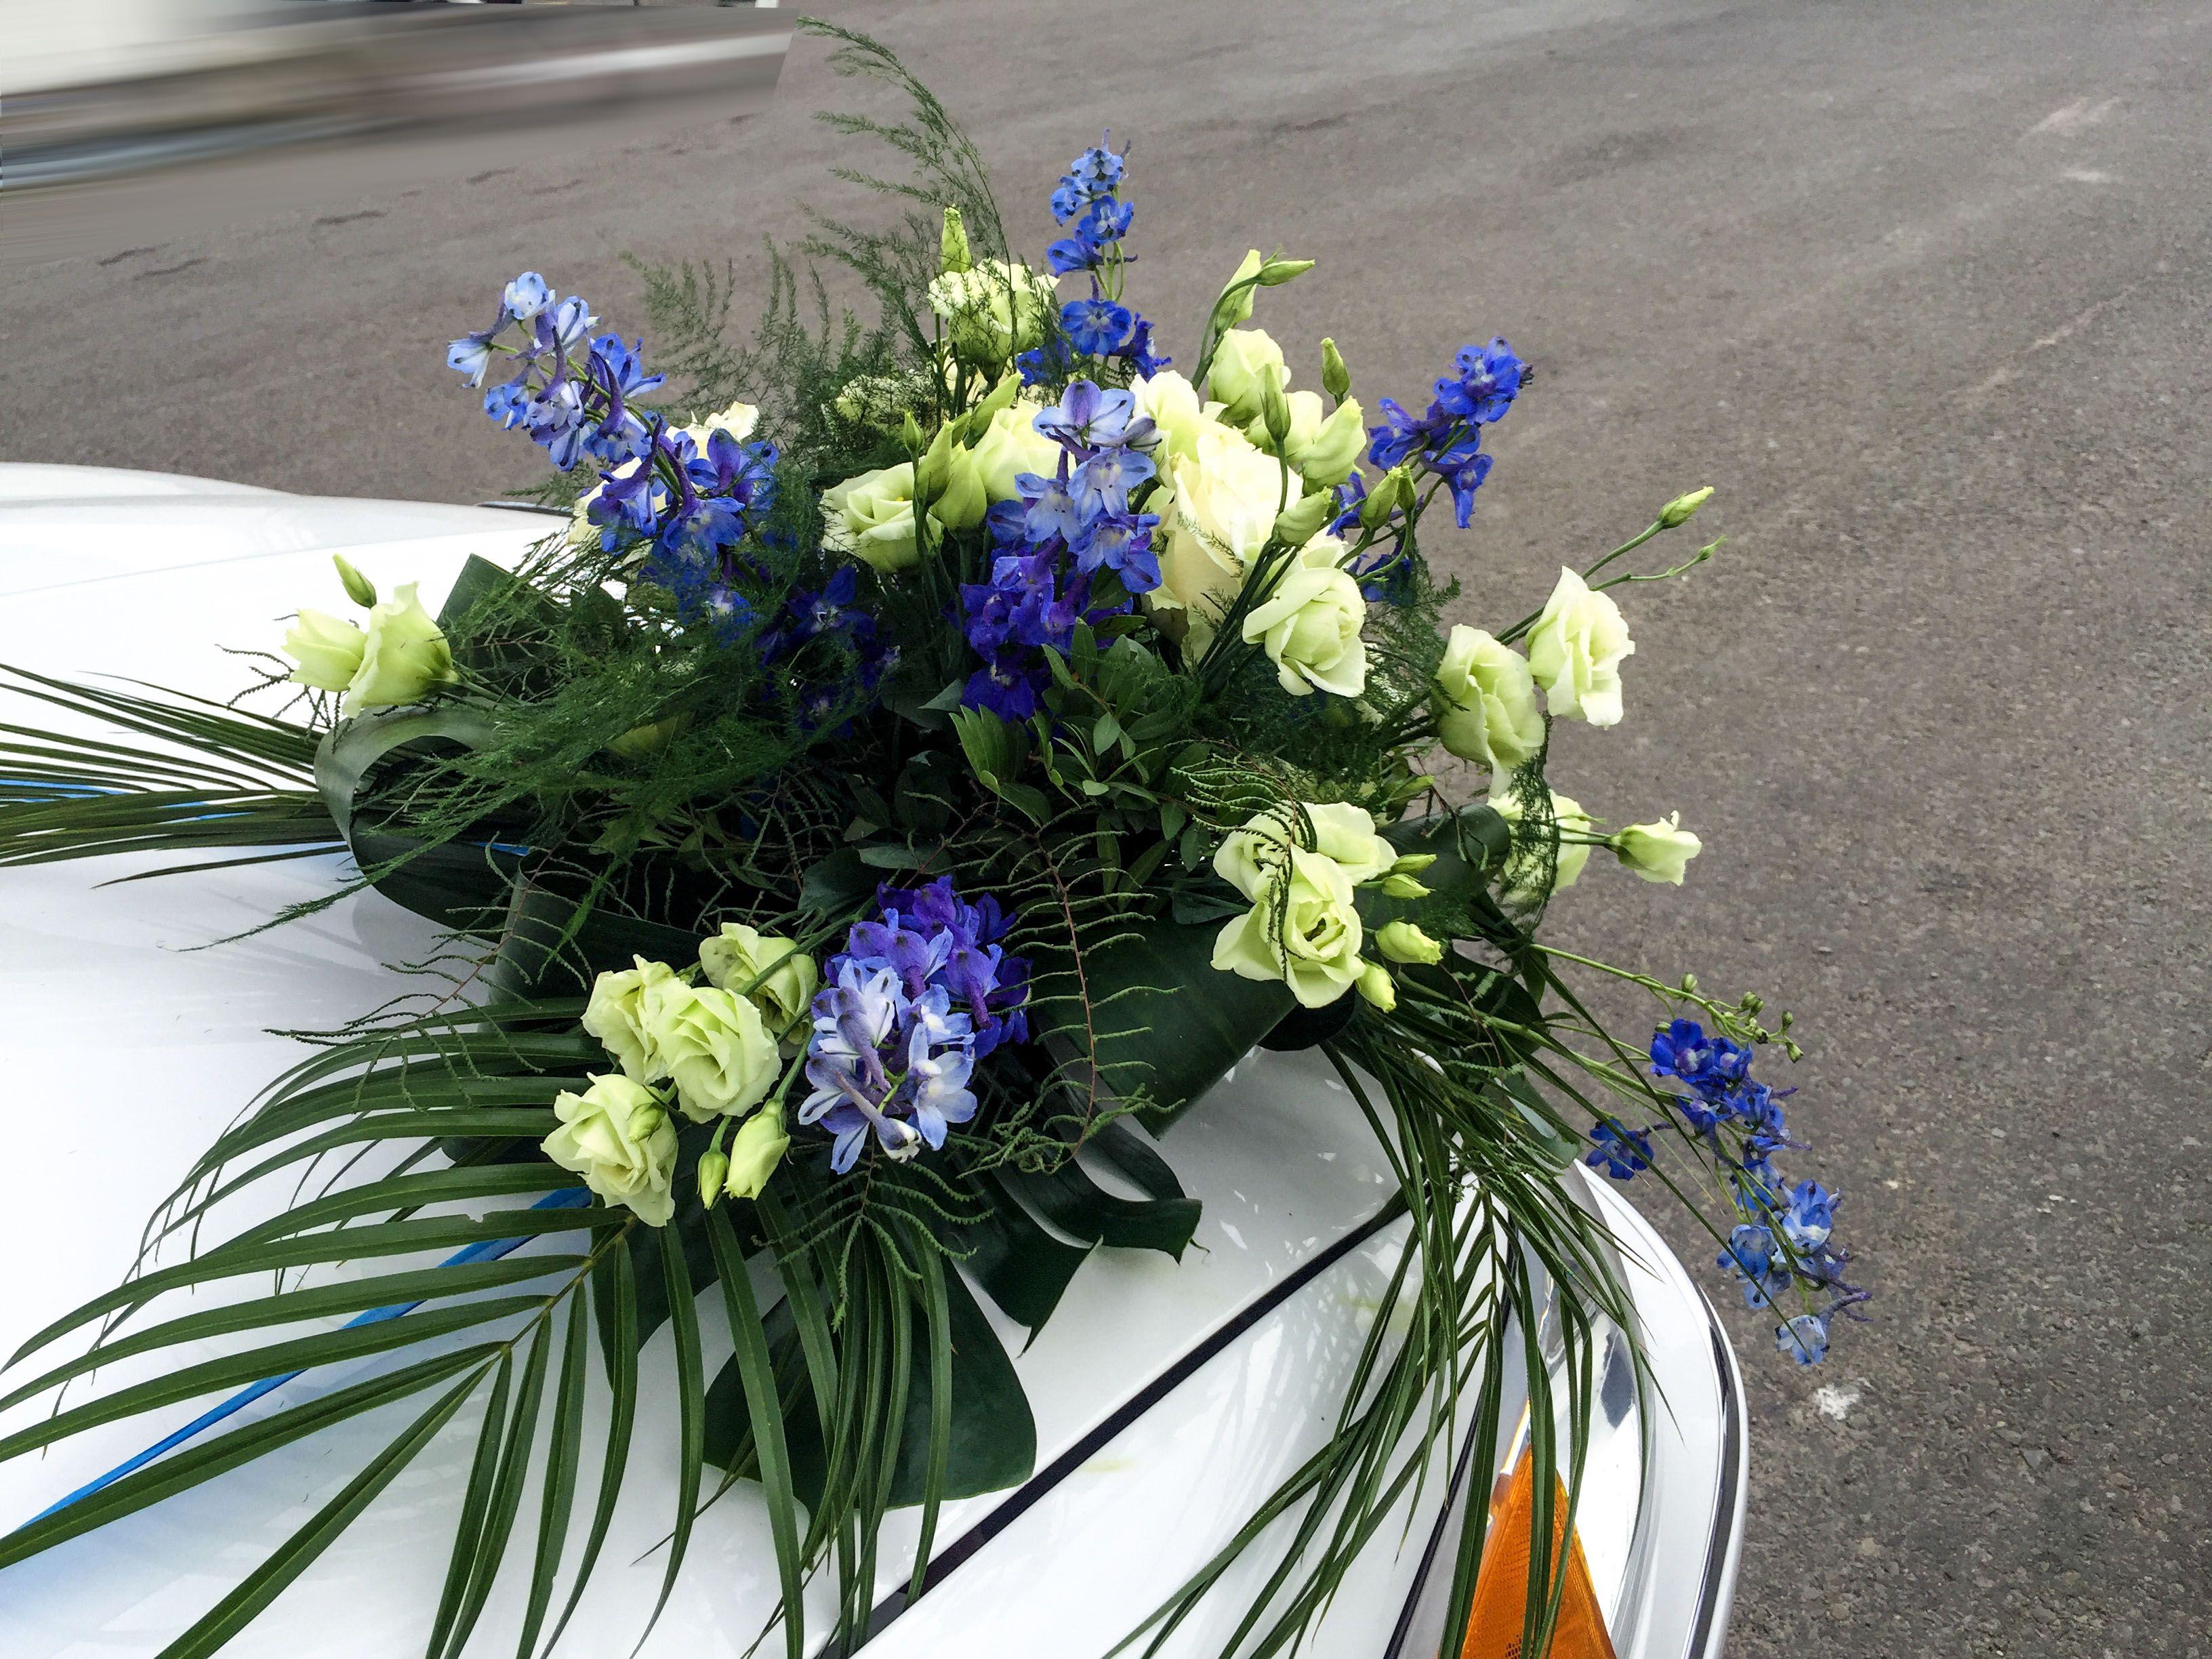 Blumen Zur Hochzeit Blumen Motorhaube Hochzeit Maritim In Blau